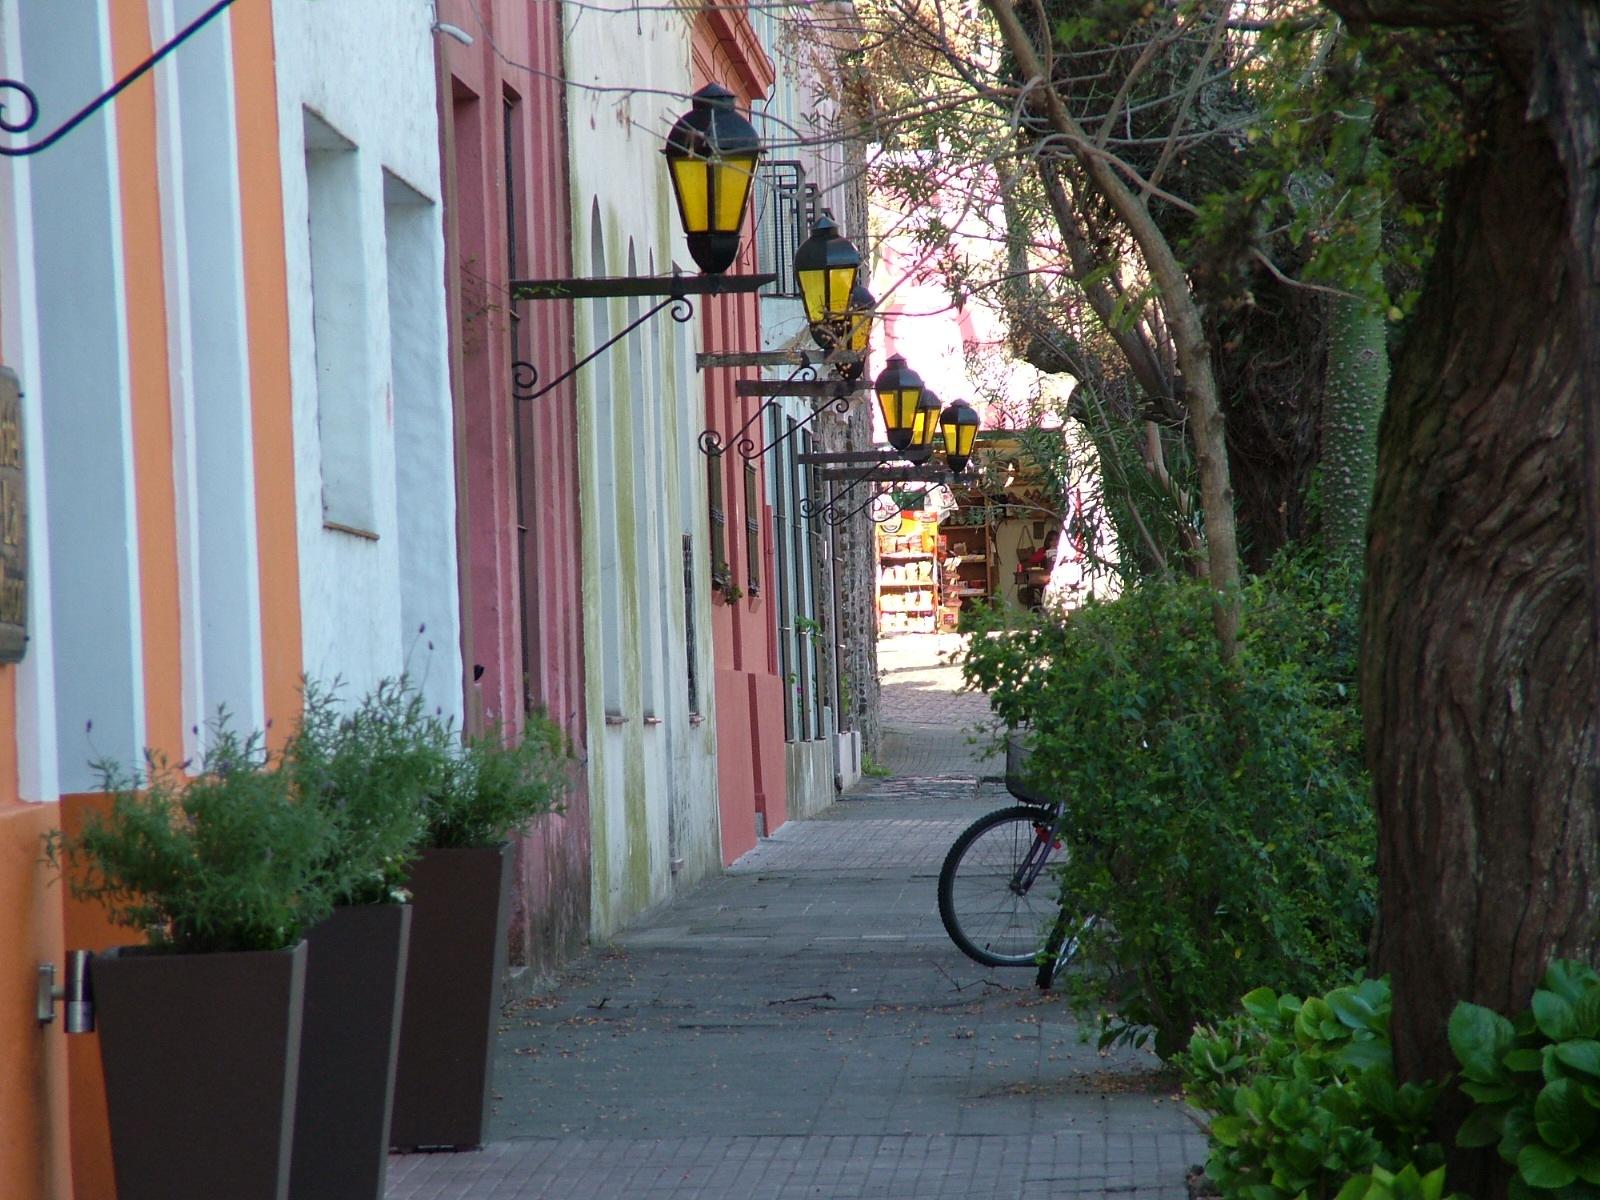 Colonia, Uruguay by Manuel Villanueva